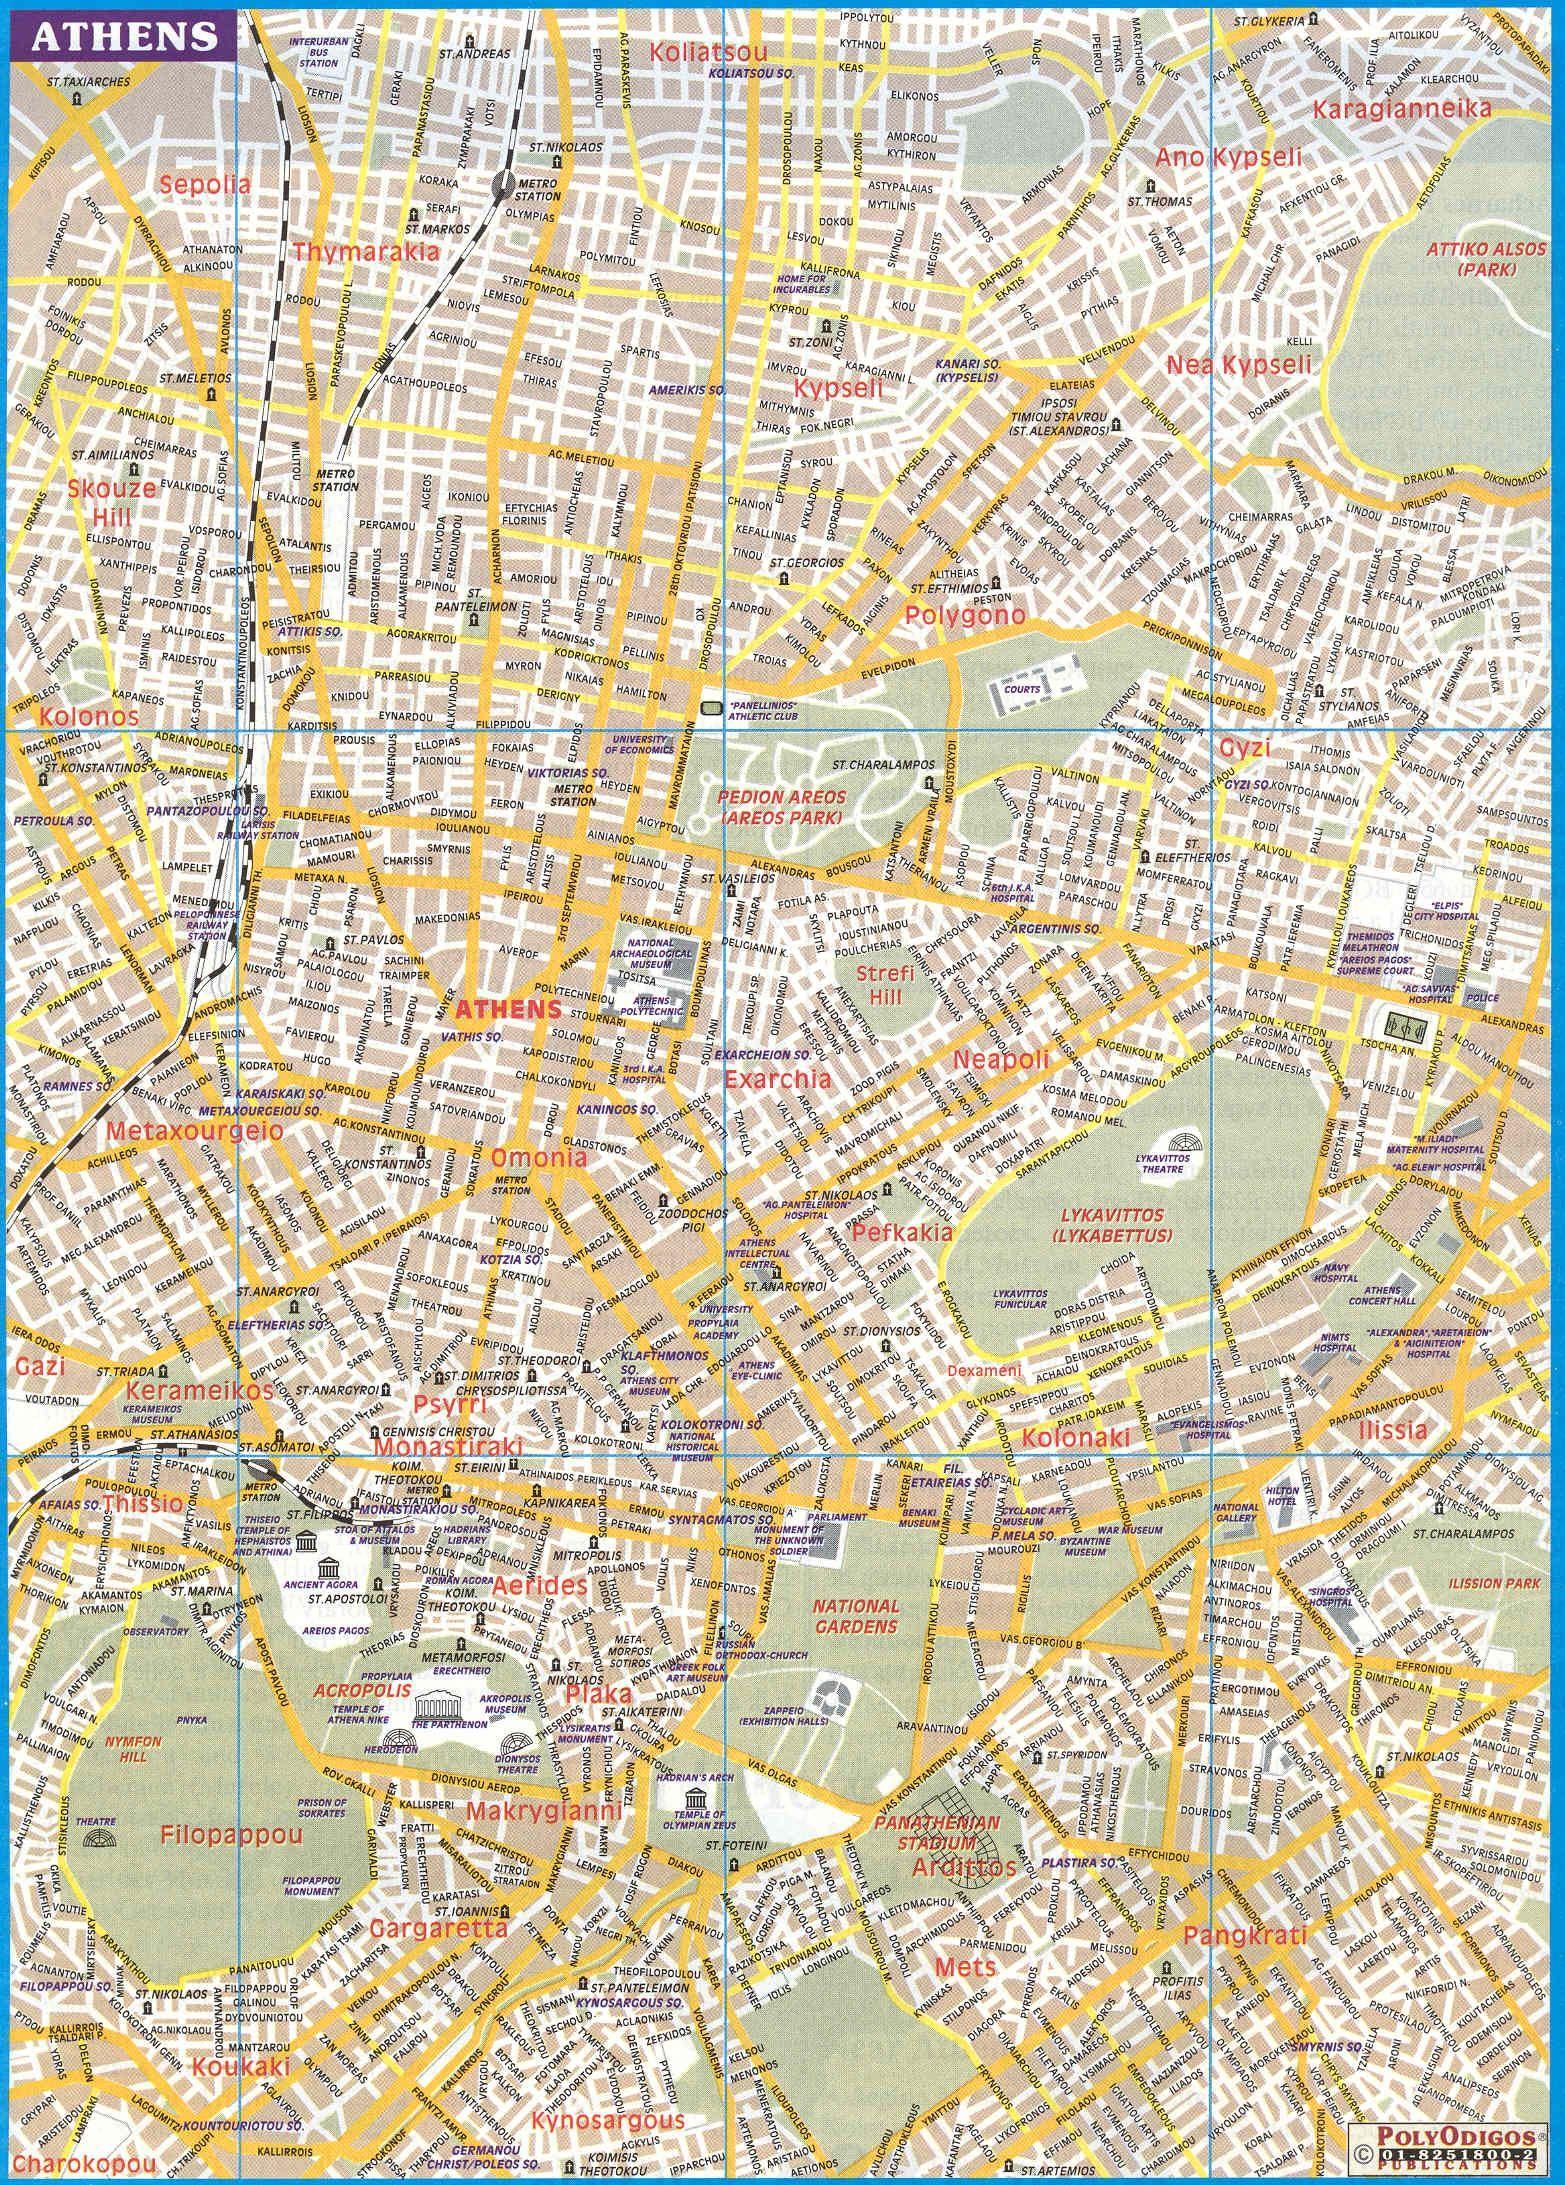 Athens City Map Harta Orașului Din Atena Grecia Grecia